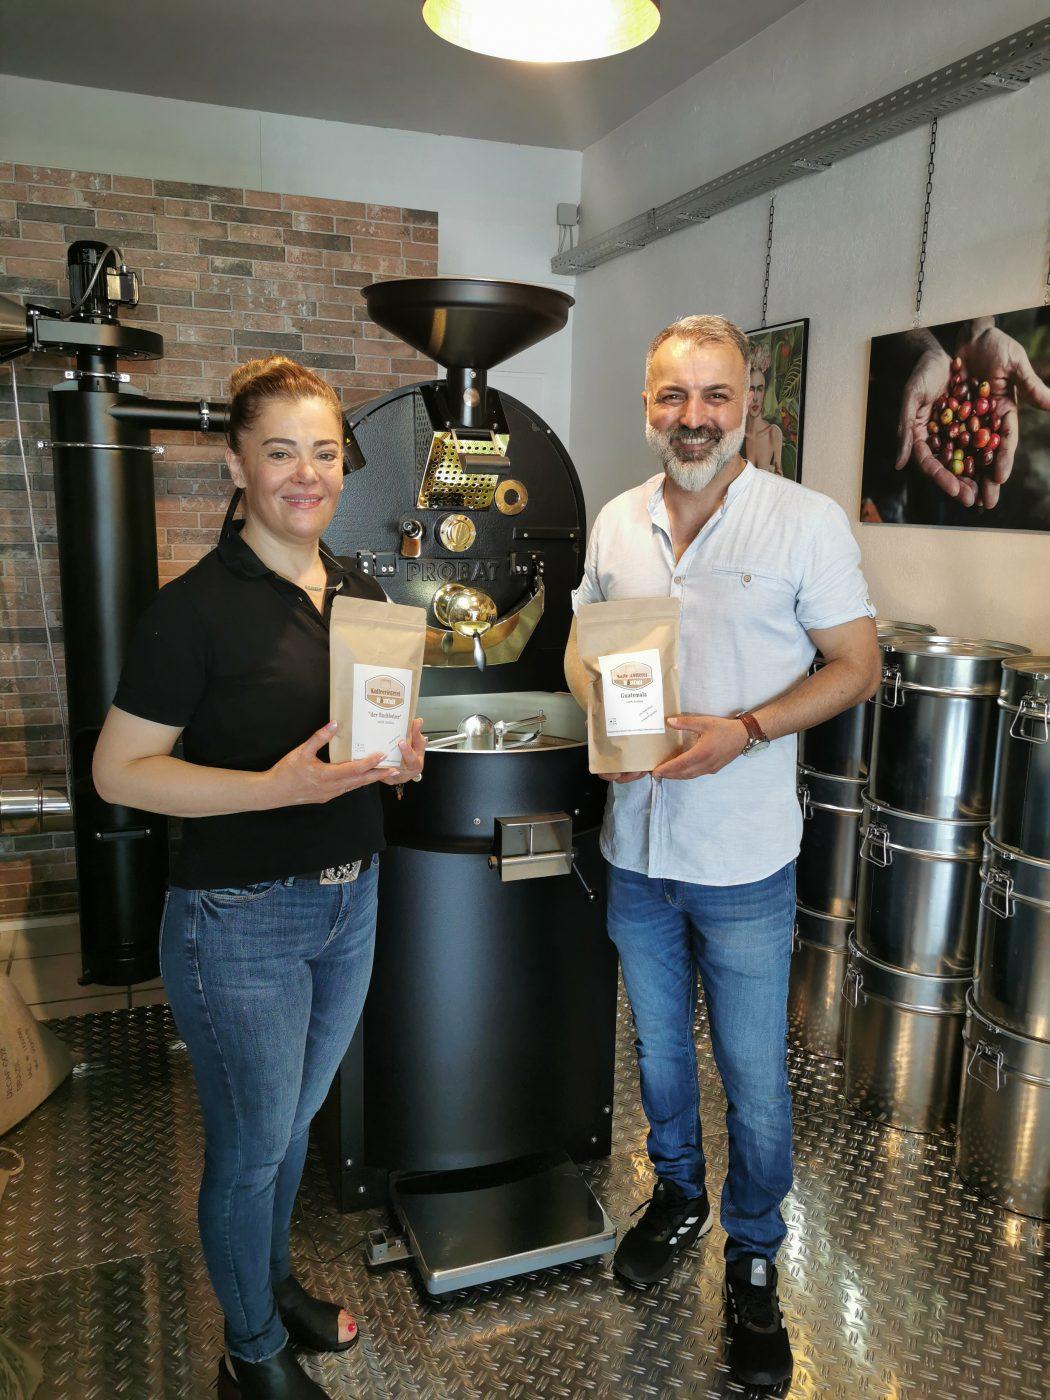 Das Foto zeigt Hüsniye und Erdal Öktas, die Betreiber der Kaffeerösterei RöstCult in Duisburg